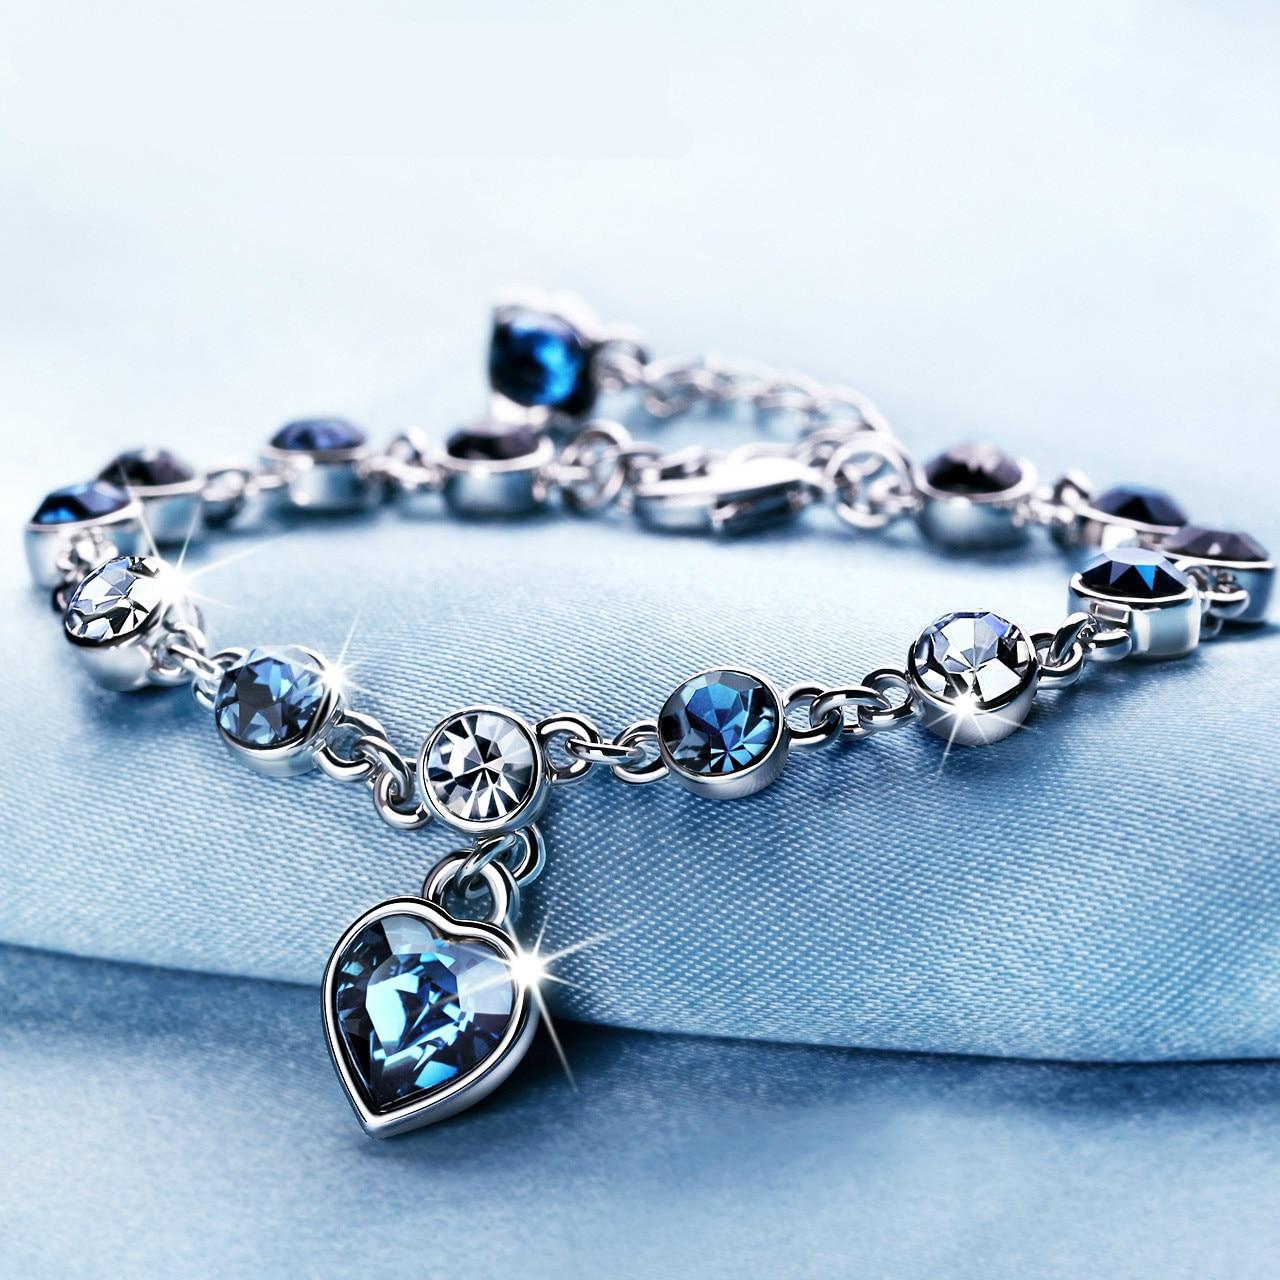 Серебряный Сапфировый Браслет для женщин, романтические Синие Ювелирные изделия в форме сердца, женские браслеты kehribar bizuteria